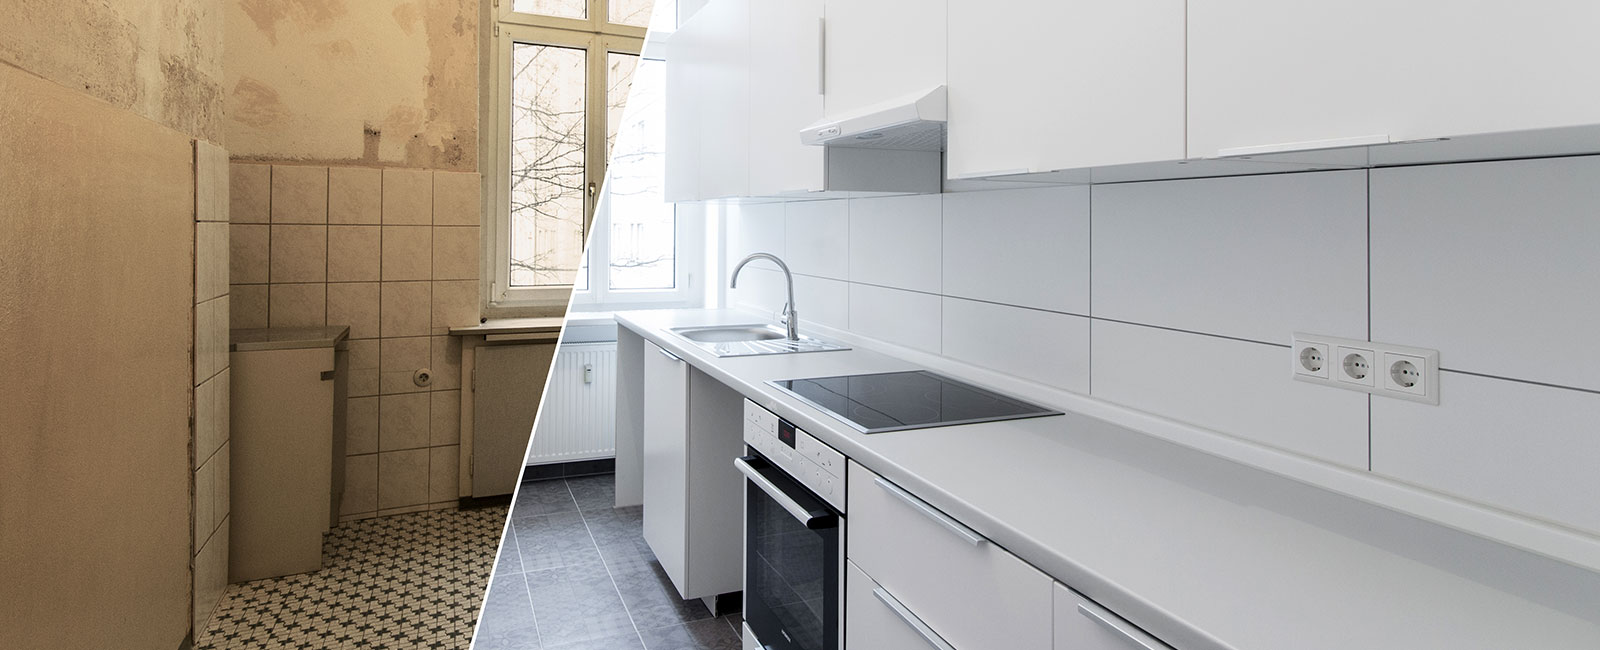 Casa antiga ou com personalidade- Renove a sua cozinha